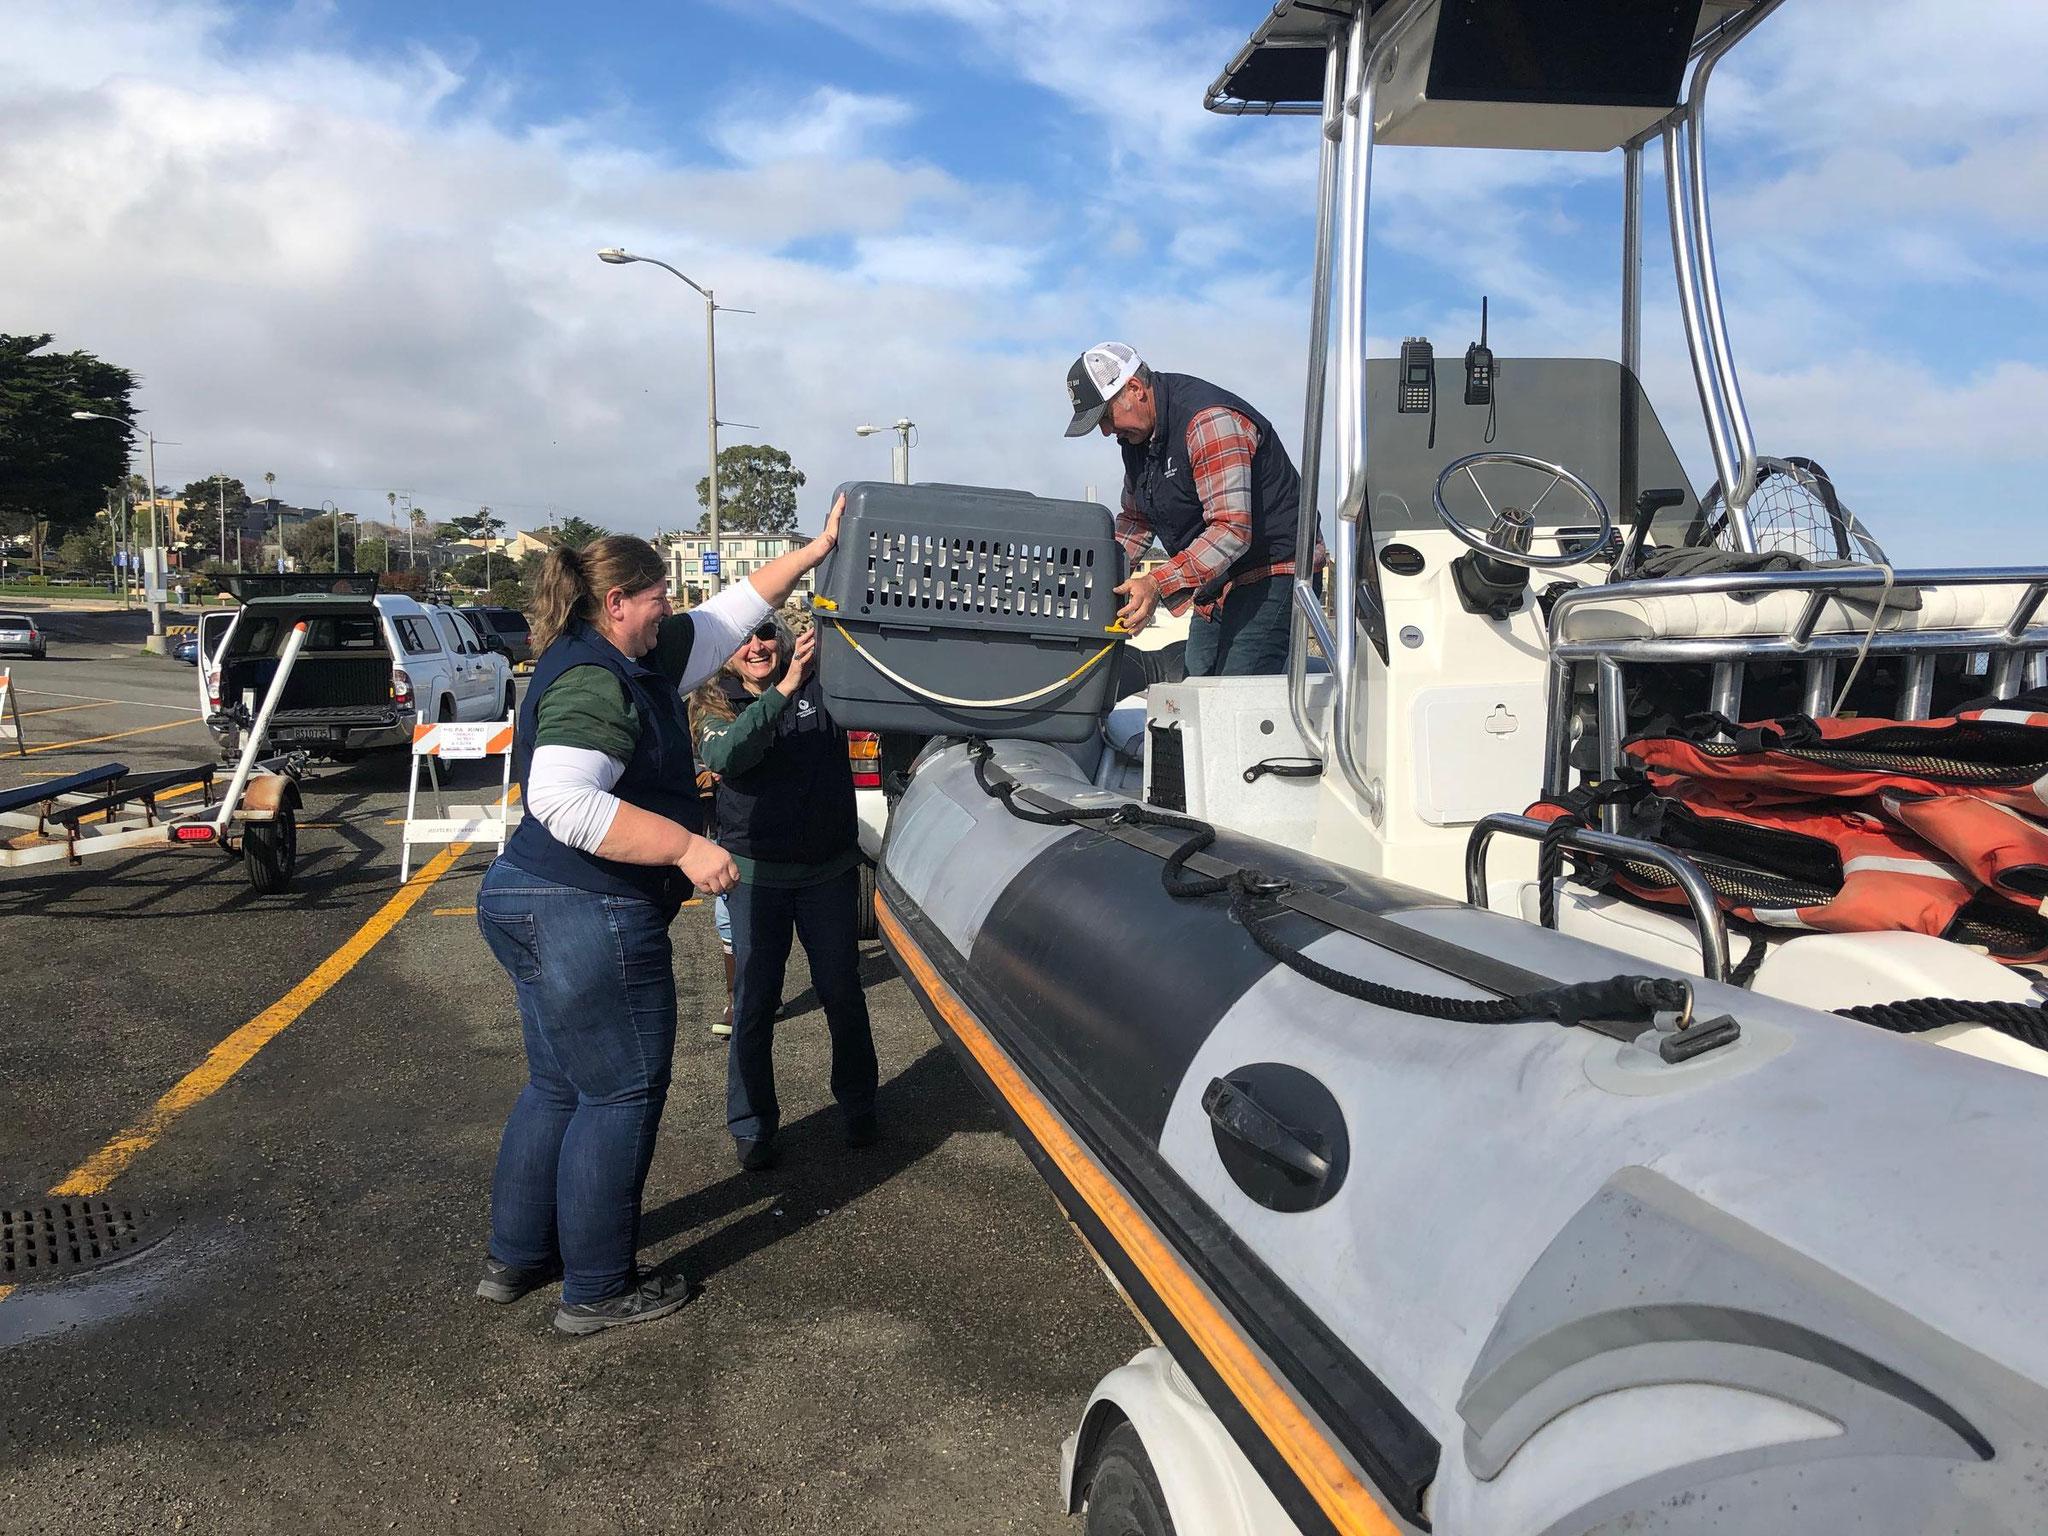 左から、カーラ・フィールド博士、ミシェル・ステッドラー、カール・メイヤーがラッコたちをボートに乗せている